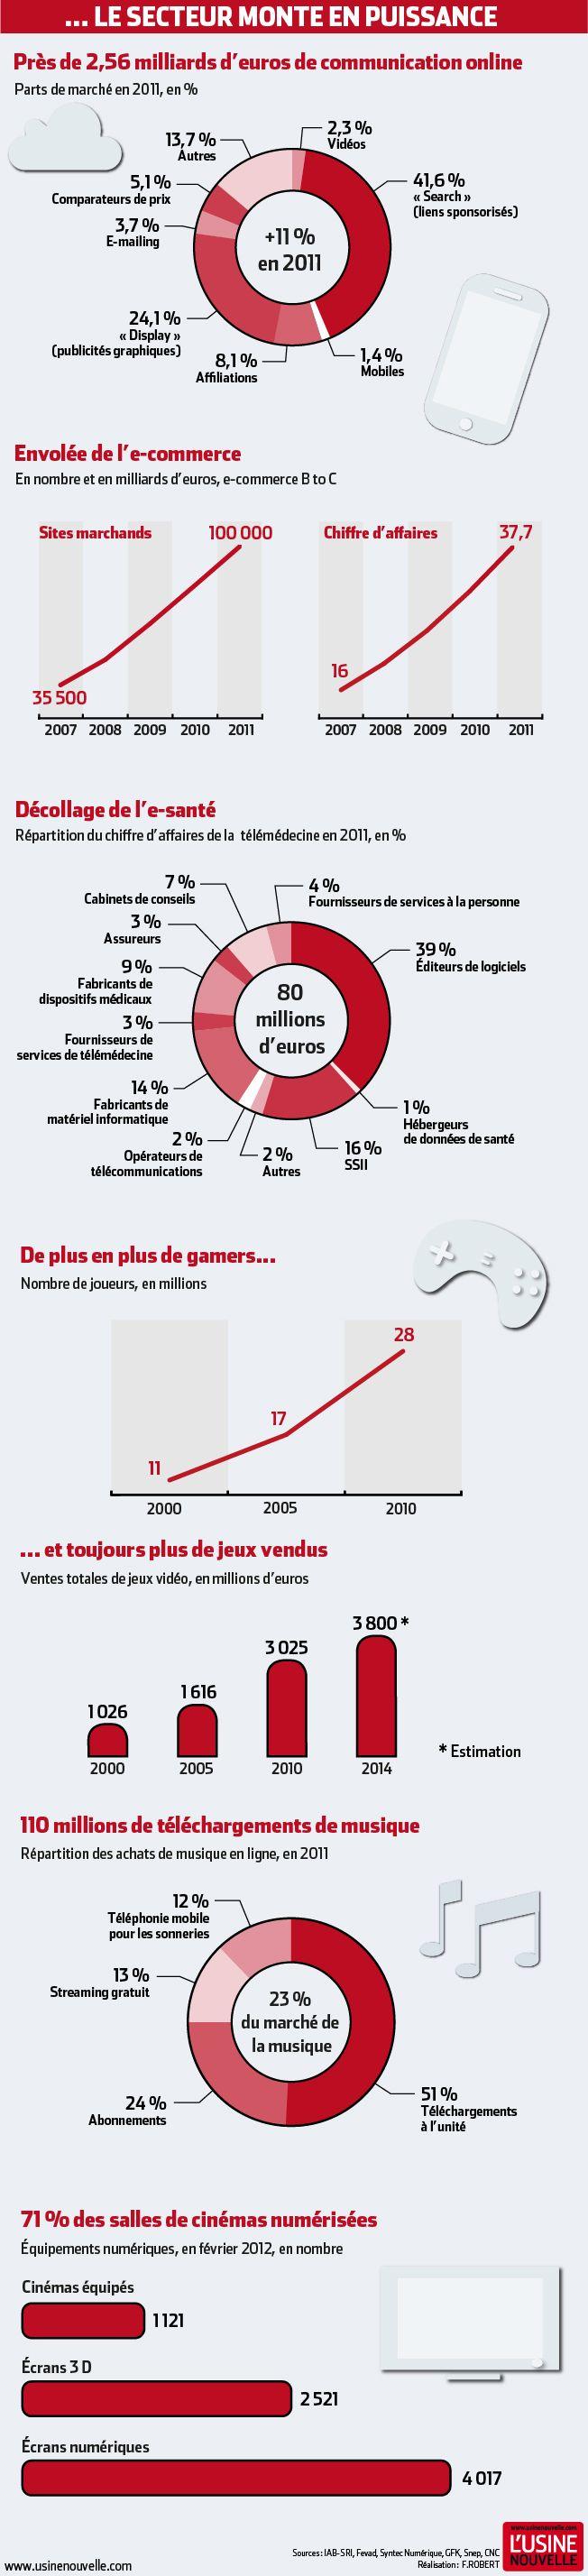 Les chiffres de l'industrie du numérique en France mis en infographie par L'usine Nouvelle.